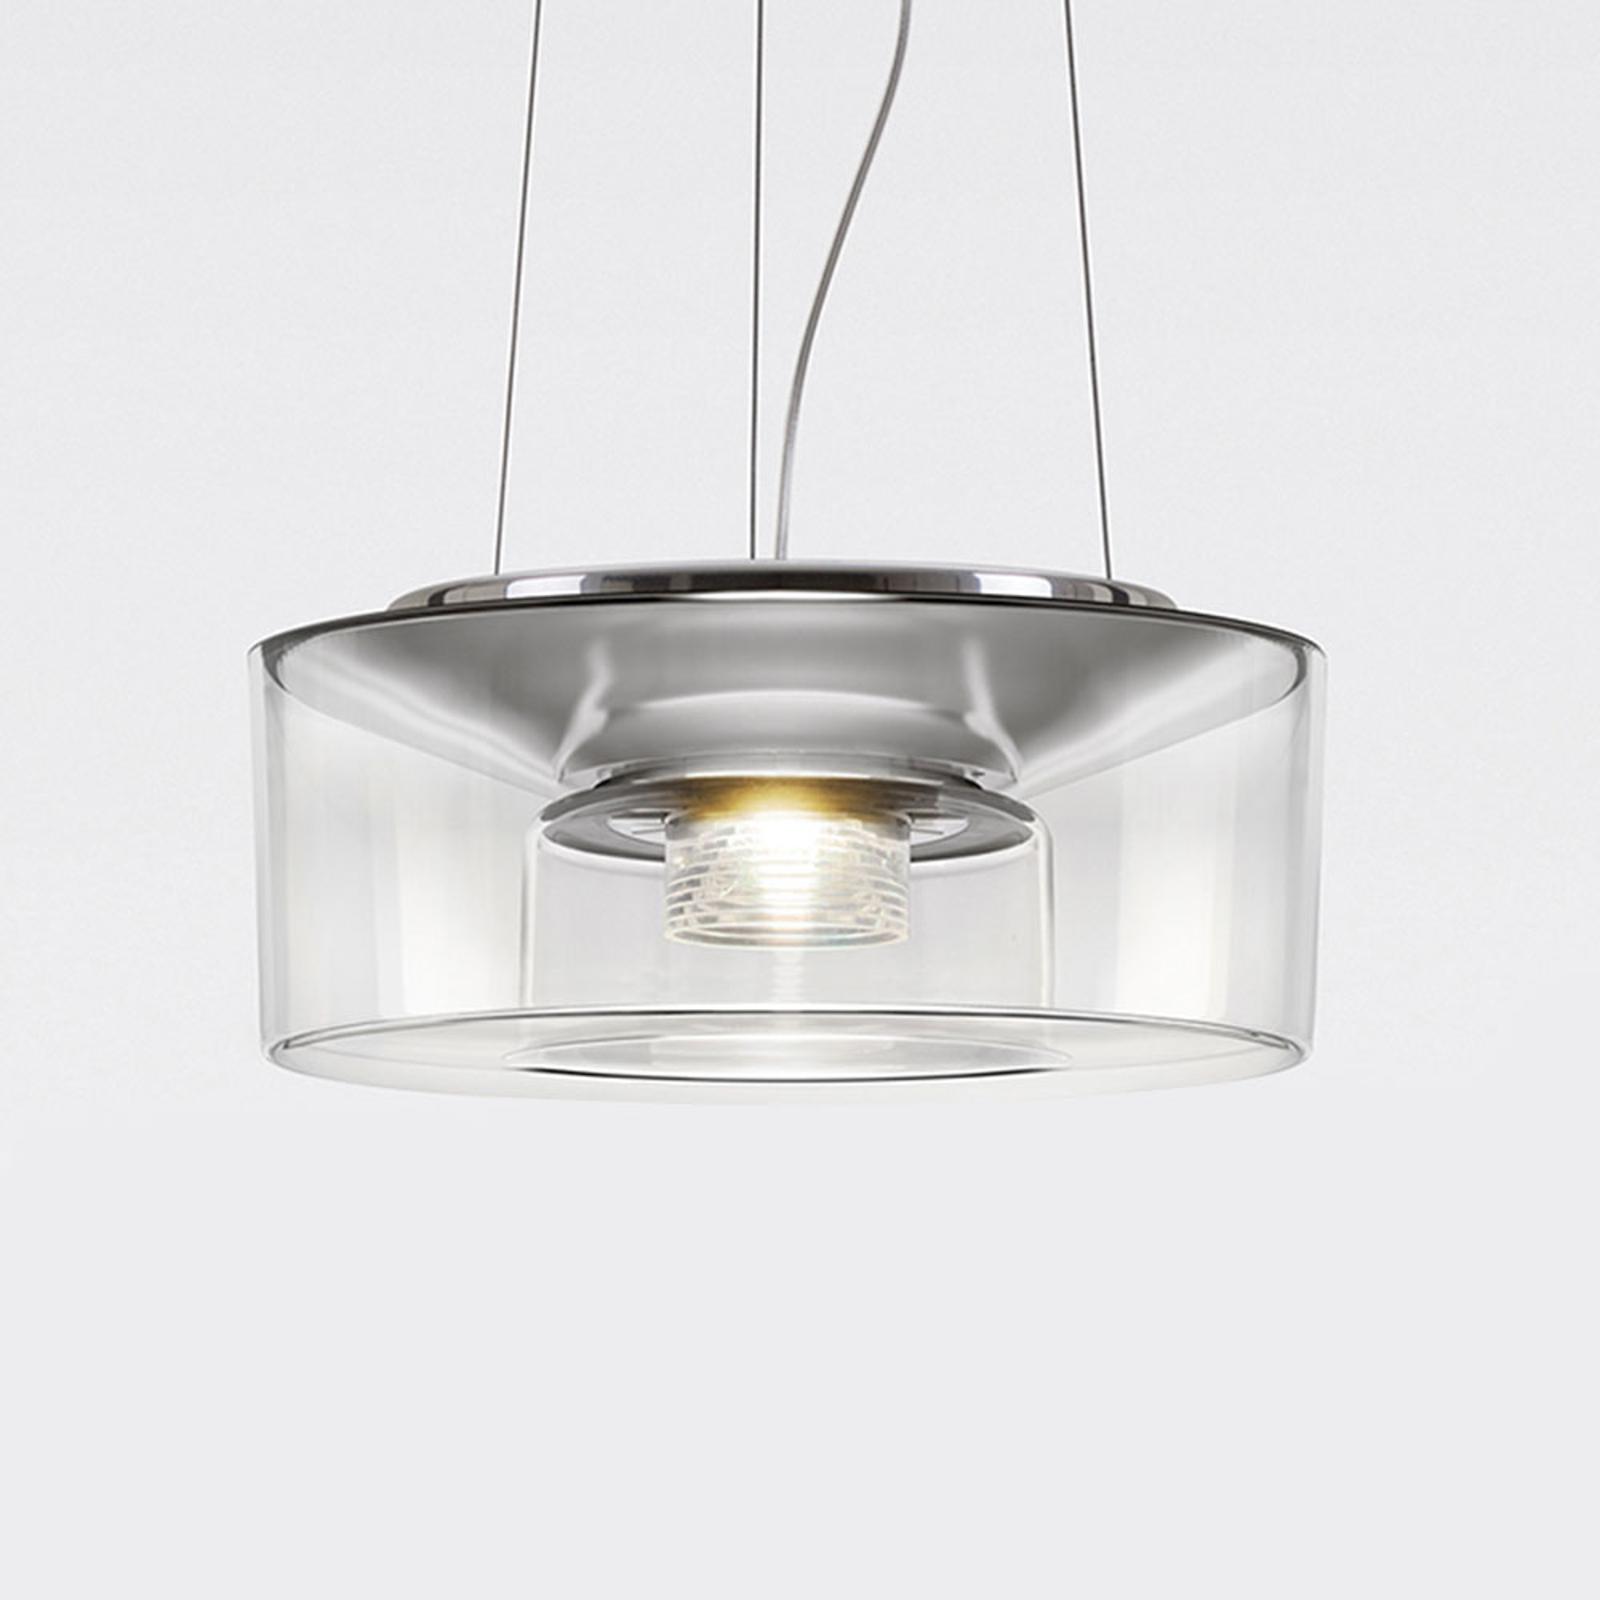 serien.lighting Curling häng 927 Triac akryl klar